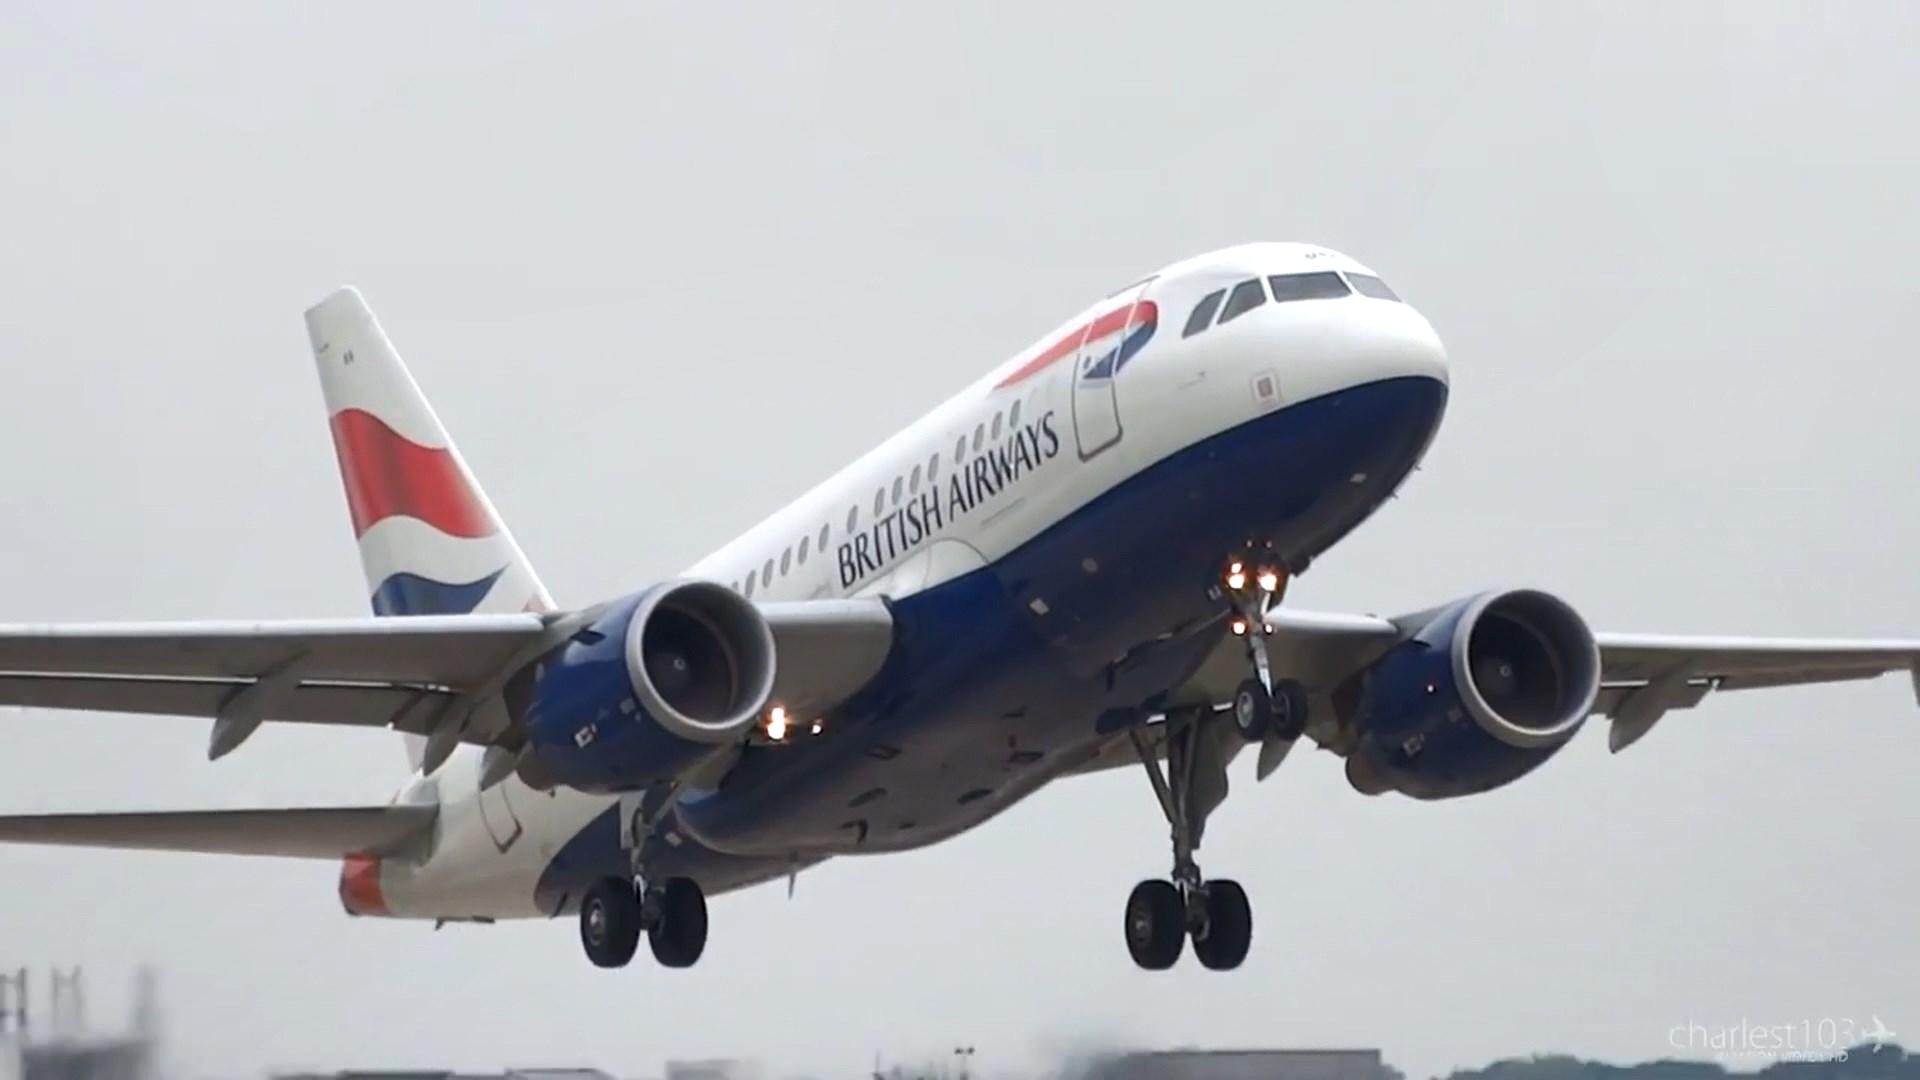 【環球薈報】英航客機「擺烏龍」飛錯目的地